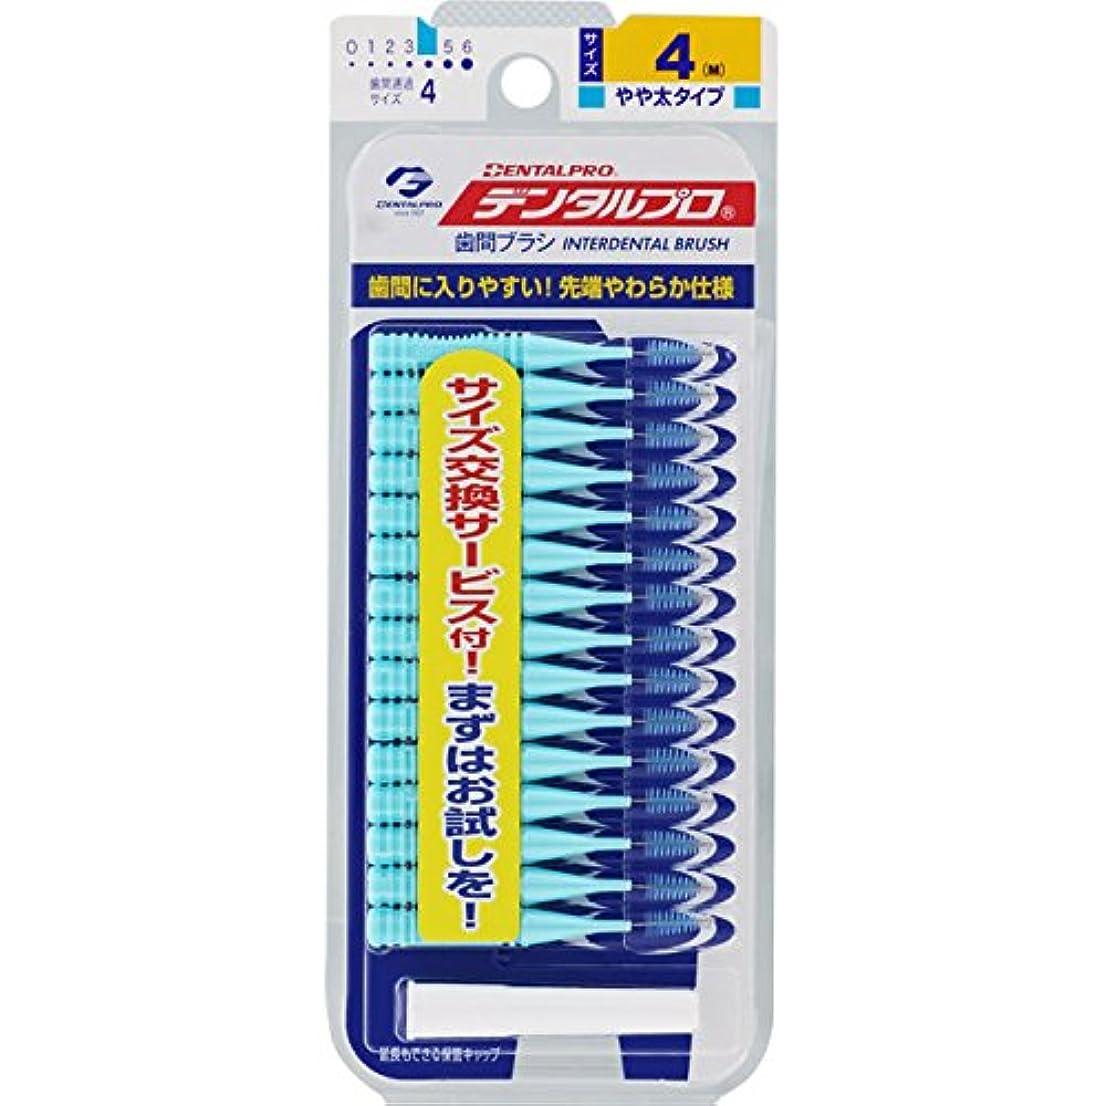 レッドデート十代マダムジャックス デンタルプロ 歯間ブラシ(I字型) サイズ4 ブルー M